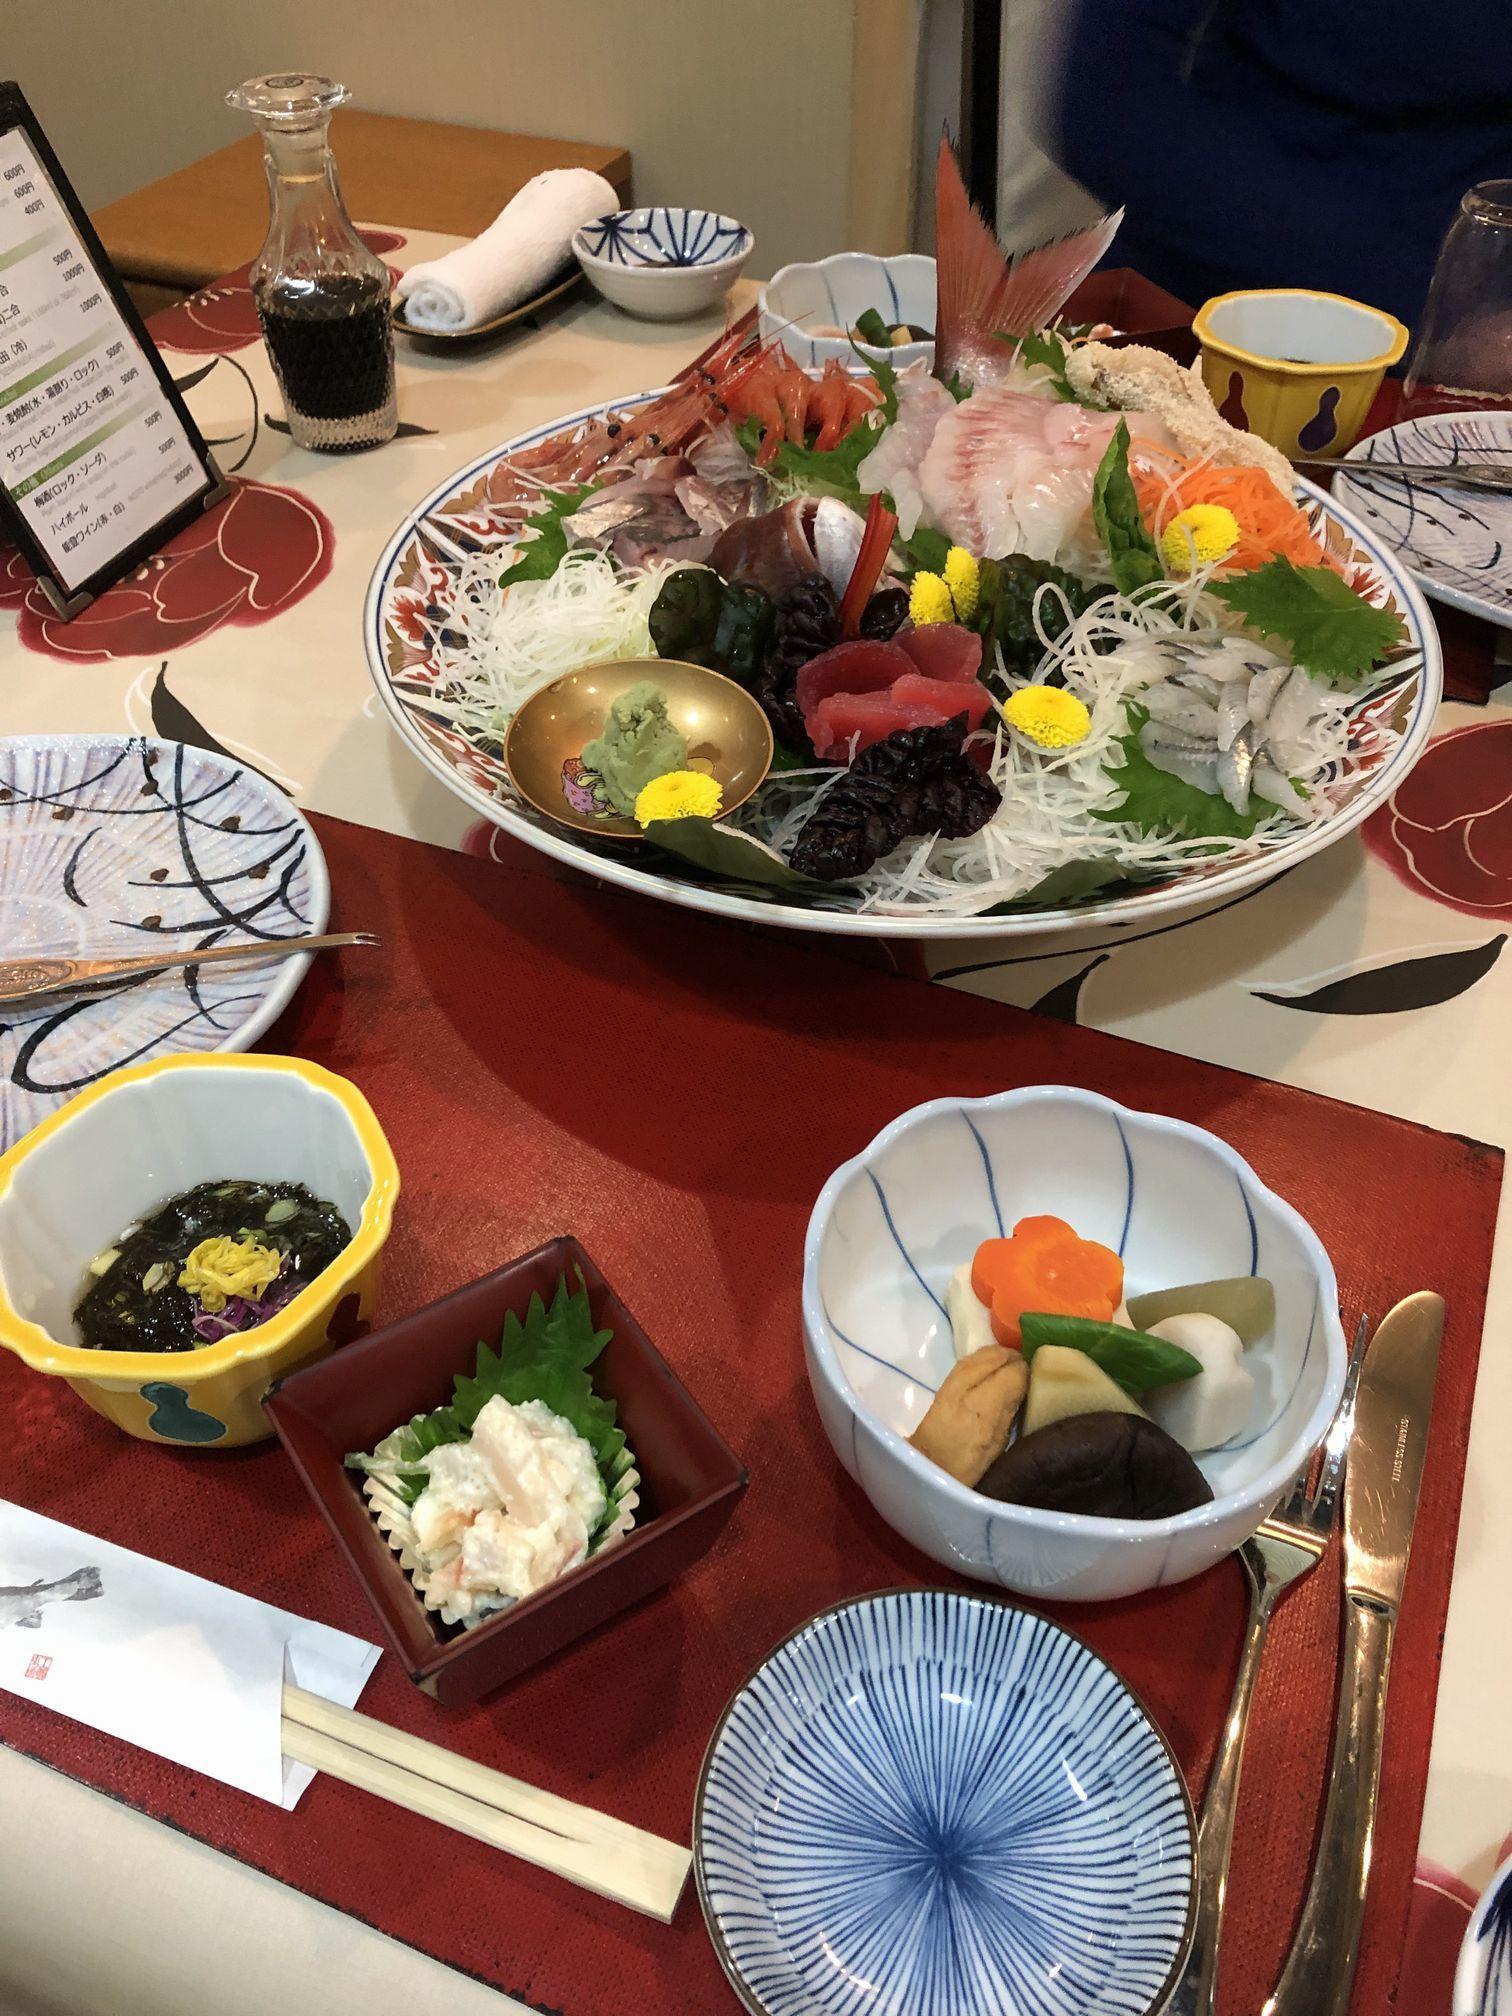 んまいもんシリーズ 2019年 群馬~岐阜~石川県旅行編_f0128542_02104837.jpg